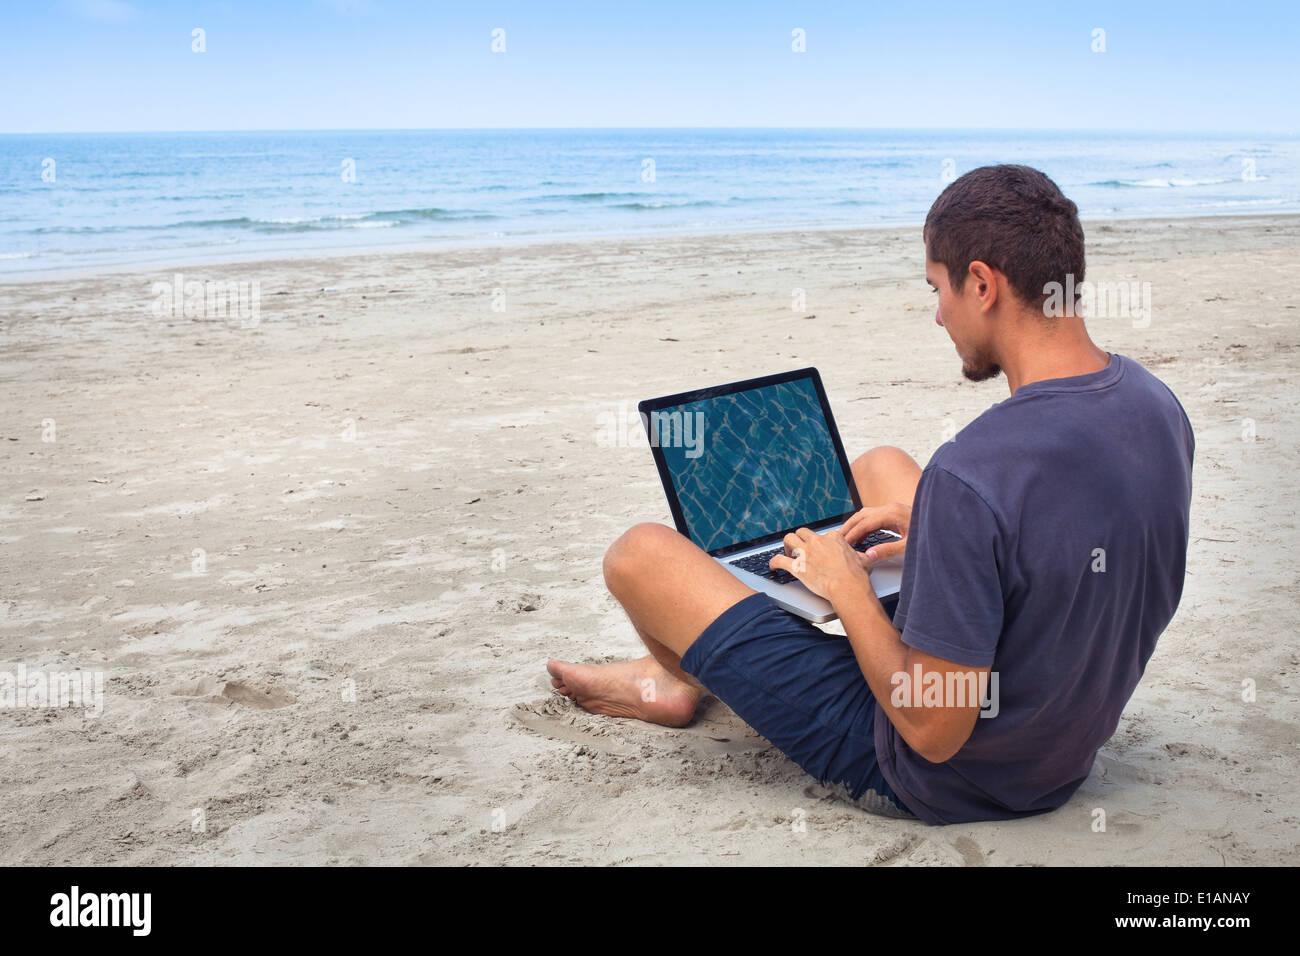 Hombre con ordenador con acceso a internet inalámbrico en la playa Imagen De Stock